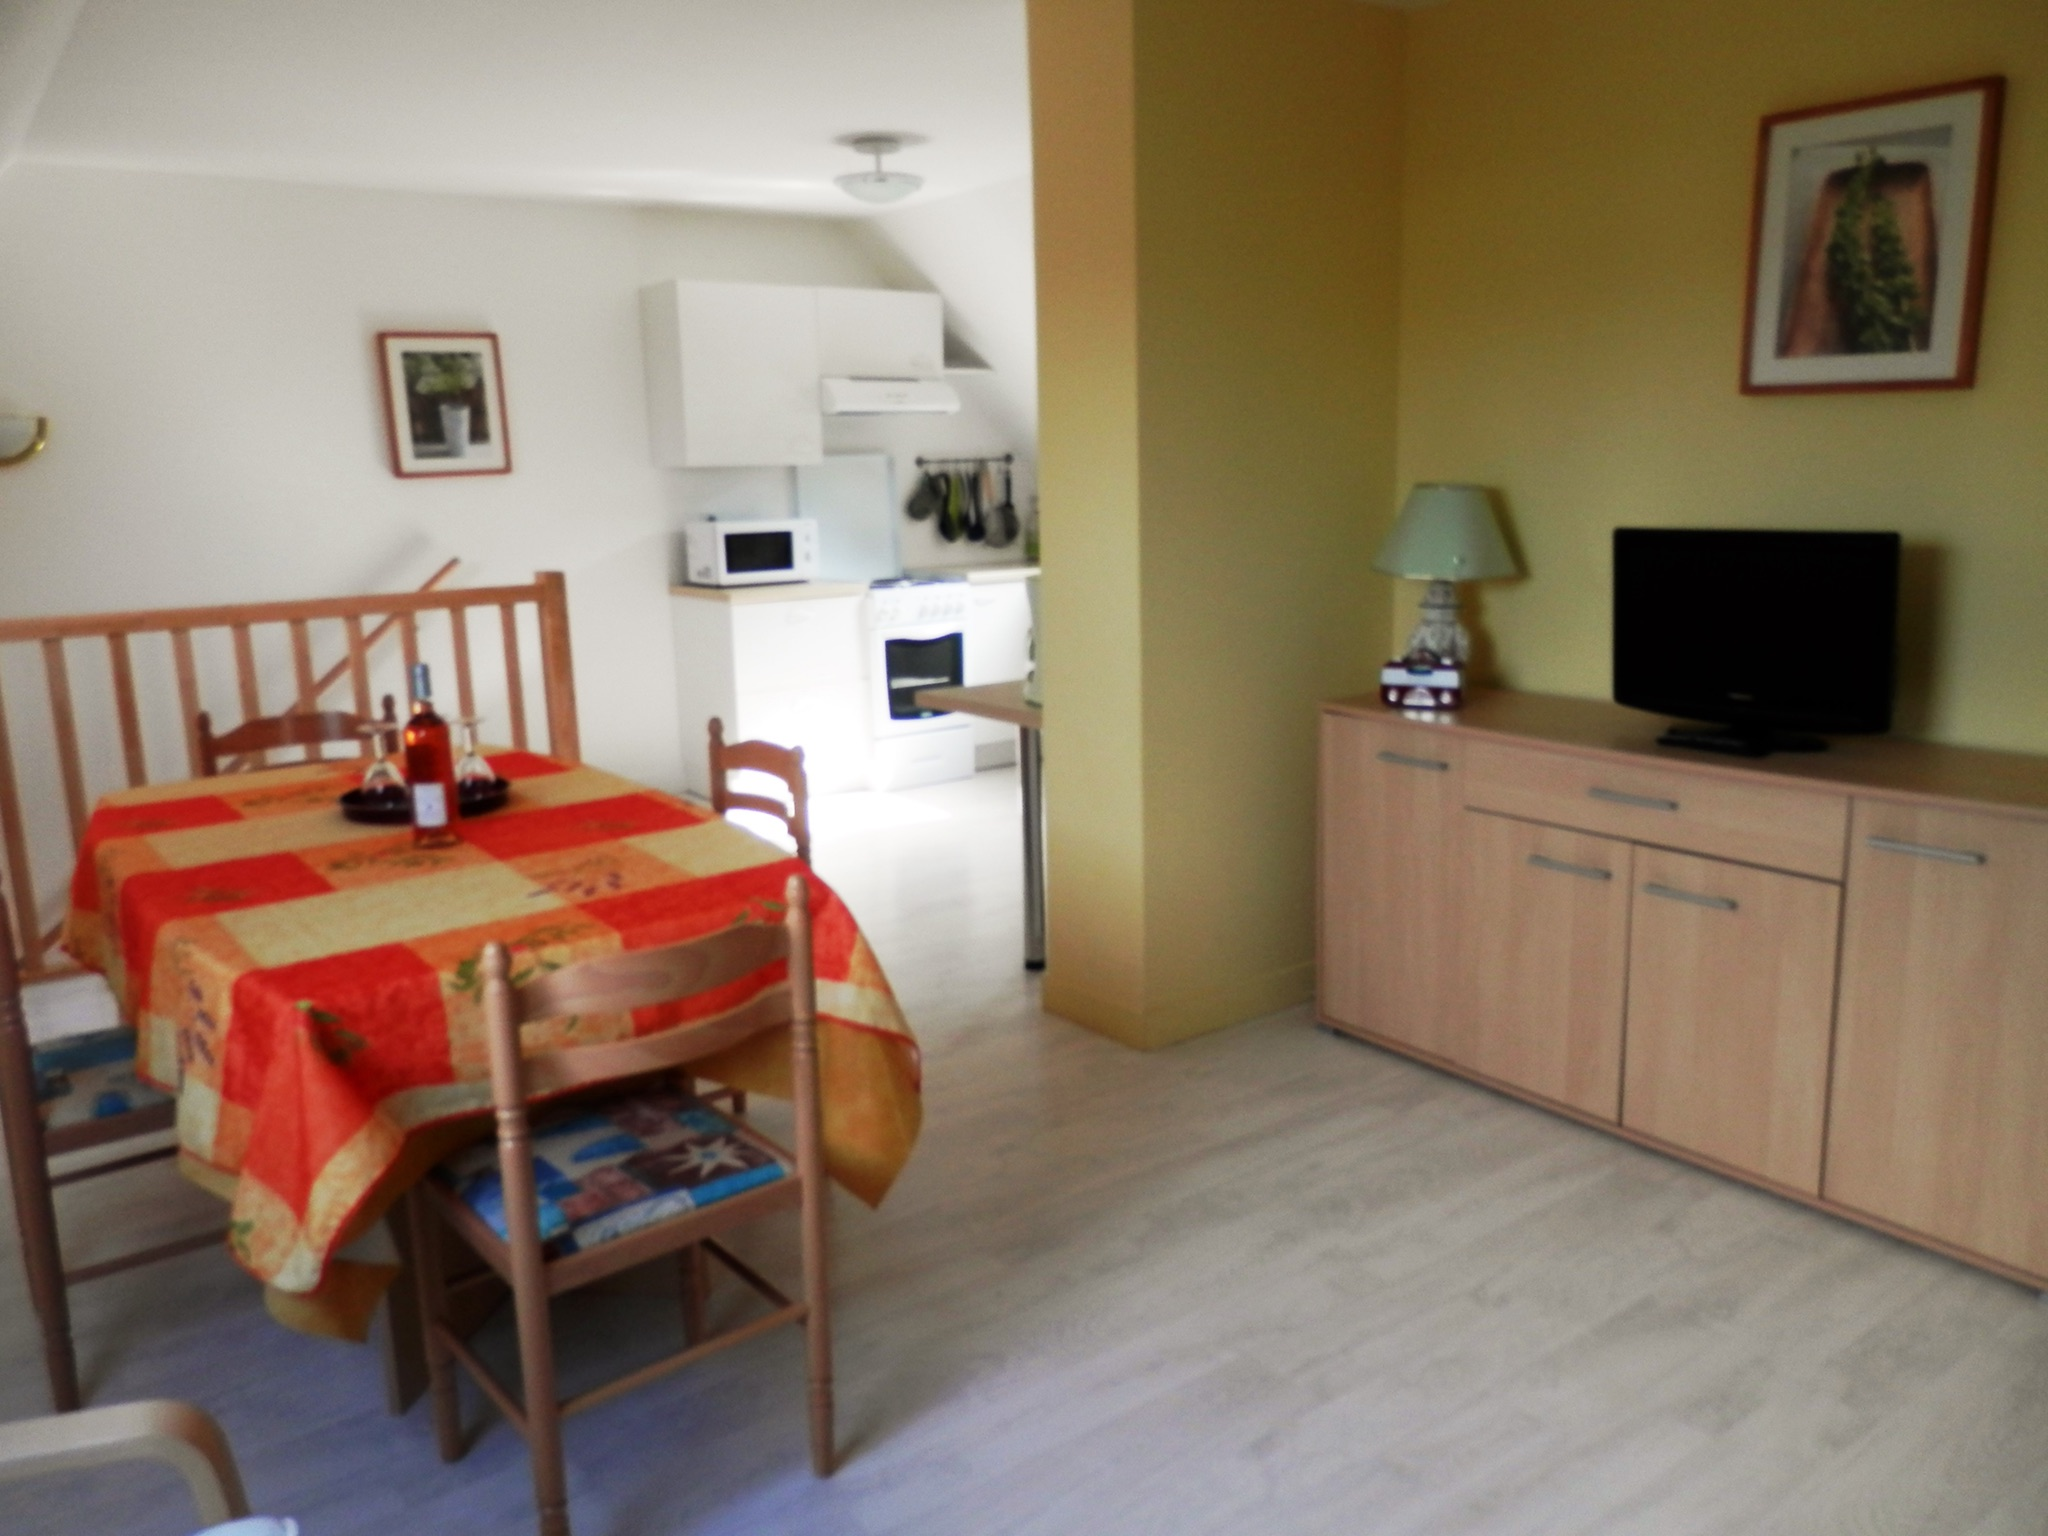 Holiday apartment Modernes wohnung in Arzon mit zwei Schlafzimmern, Terrasse und Blick auf die Stadt - für v (2201249), Arzon, Atlantic coast Morbihan, Brittany, France, picture 6